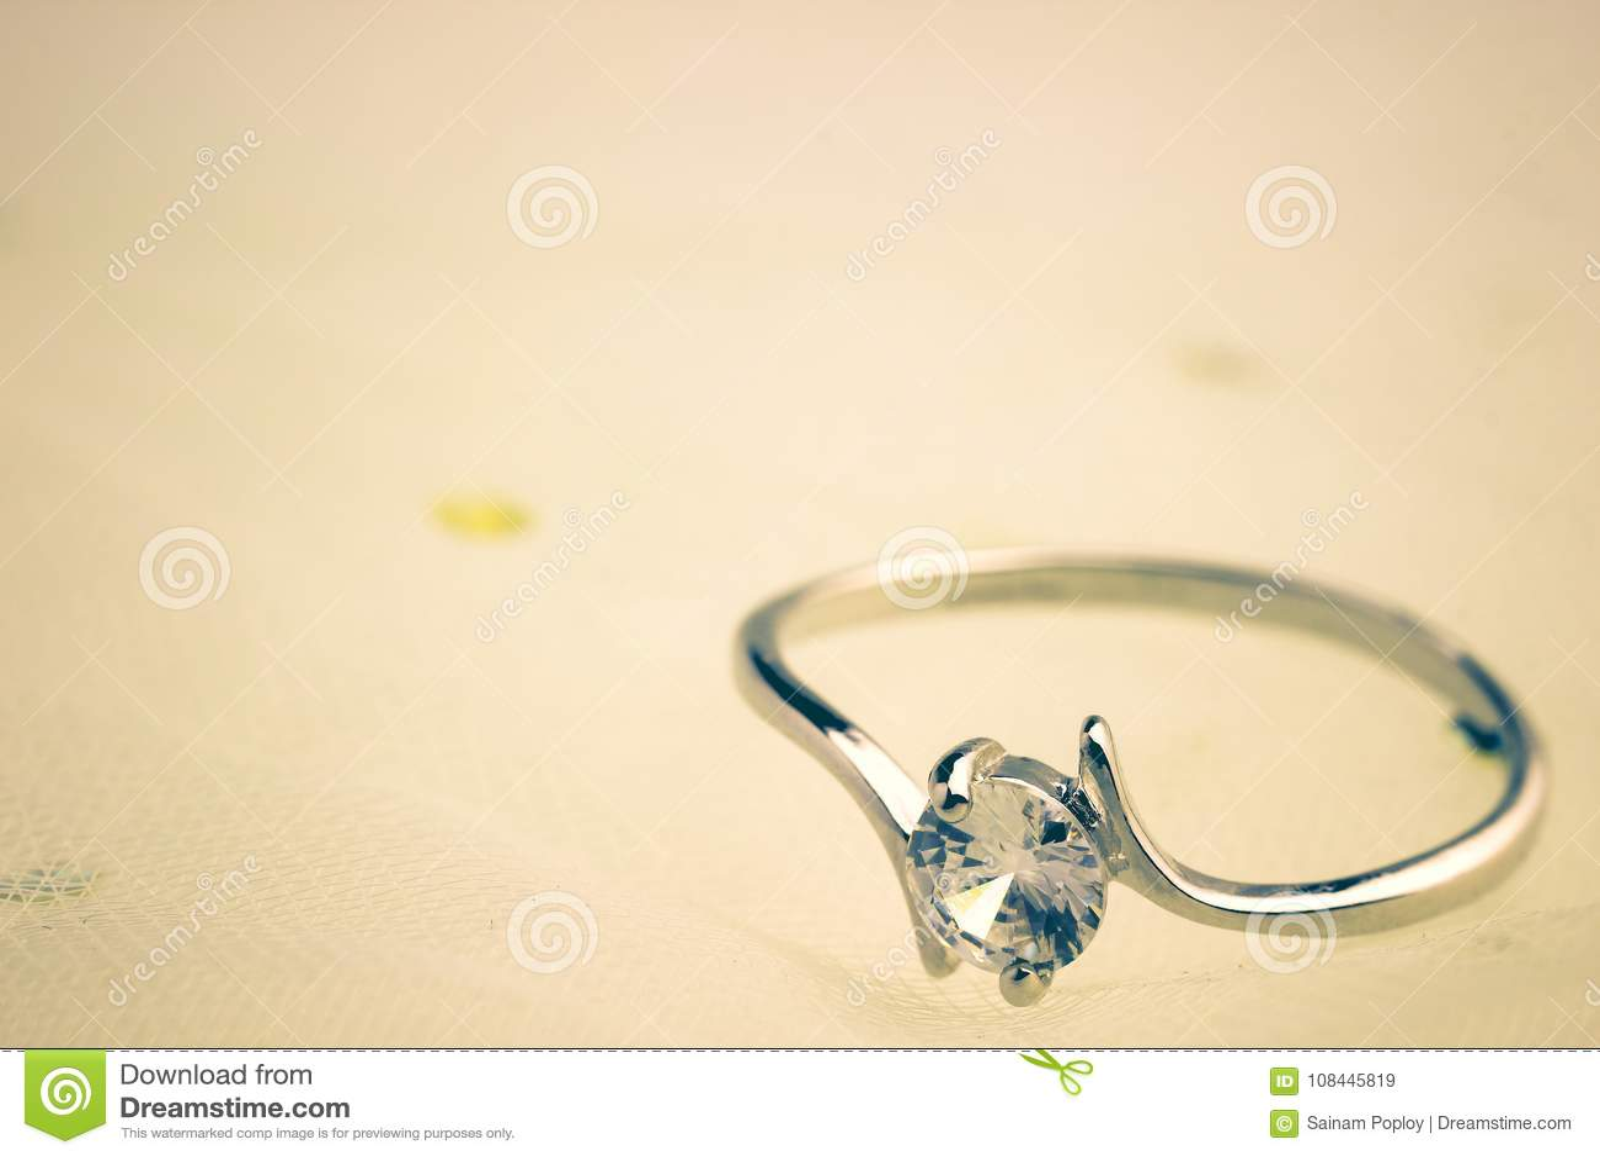 Os aneis de diamante falsificados são colocados em um vestido de casamento branco